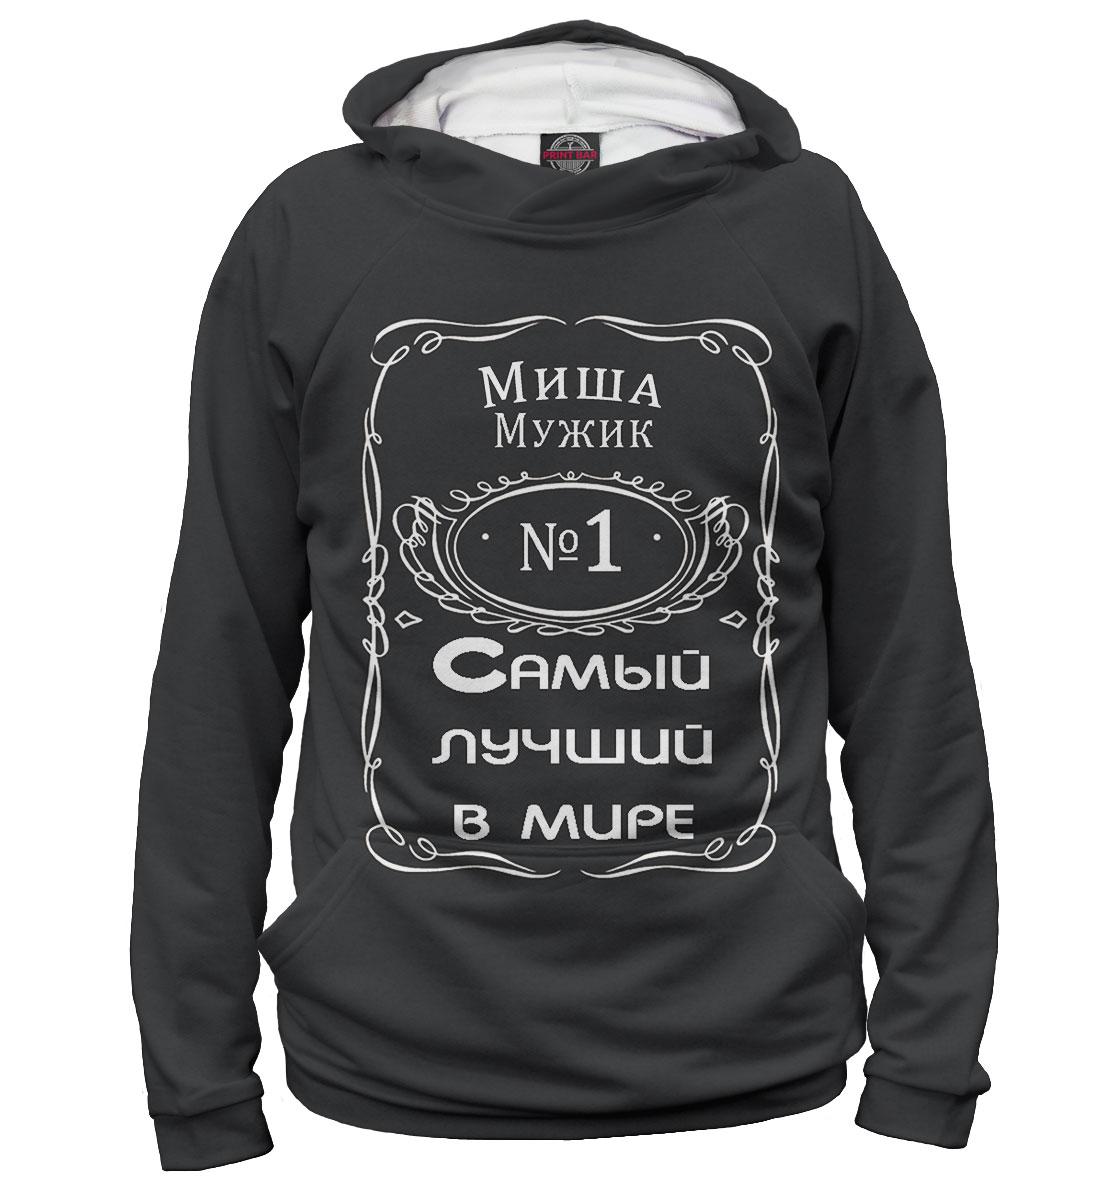 Купить Миша — самый лучший в мире, Printbar, Худи, MCH-786319-hud